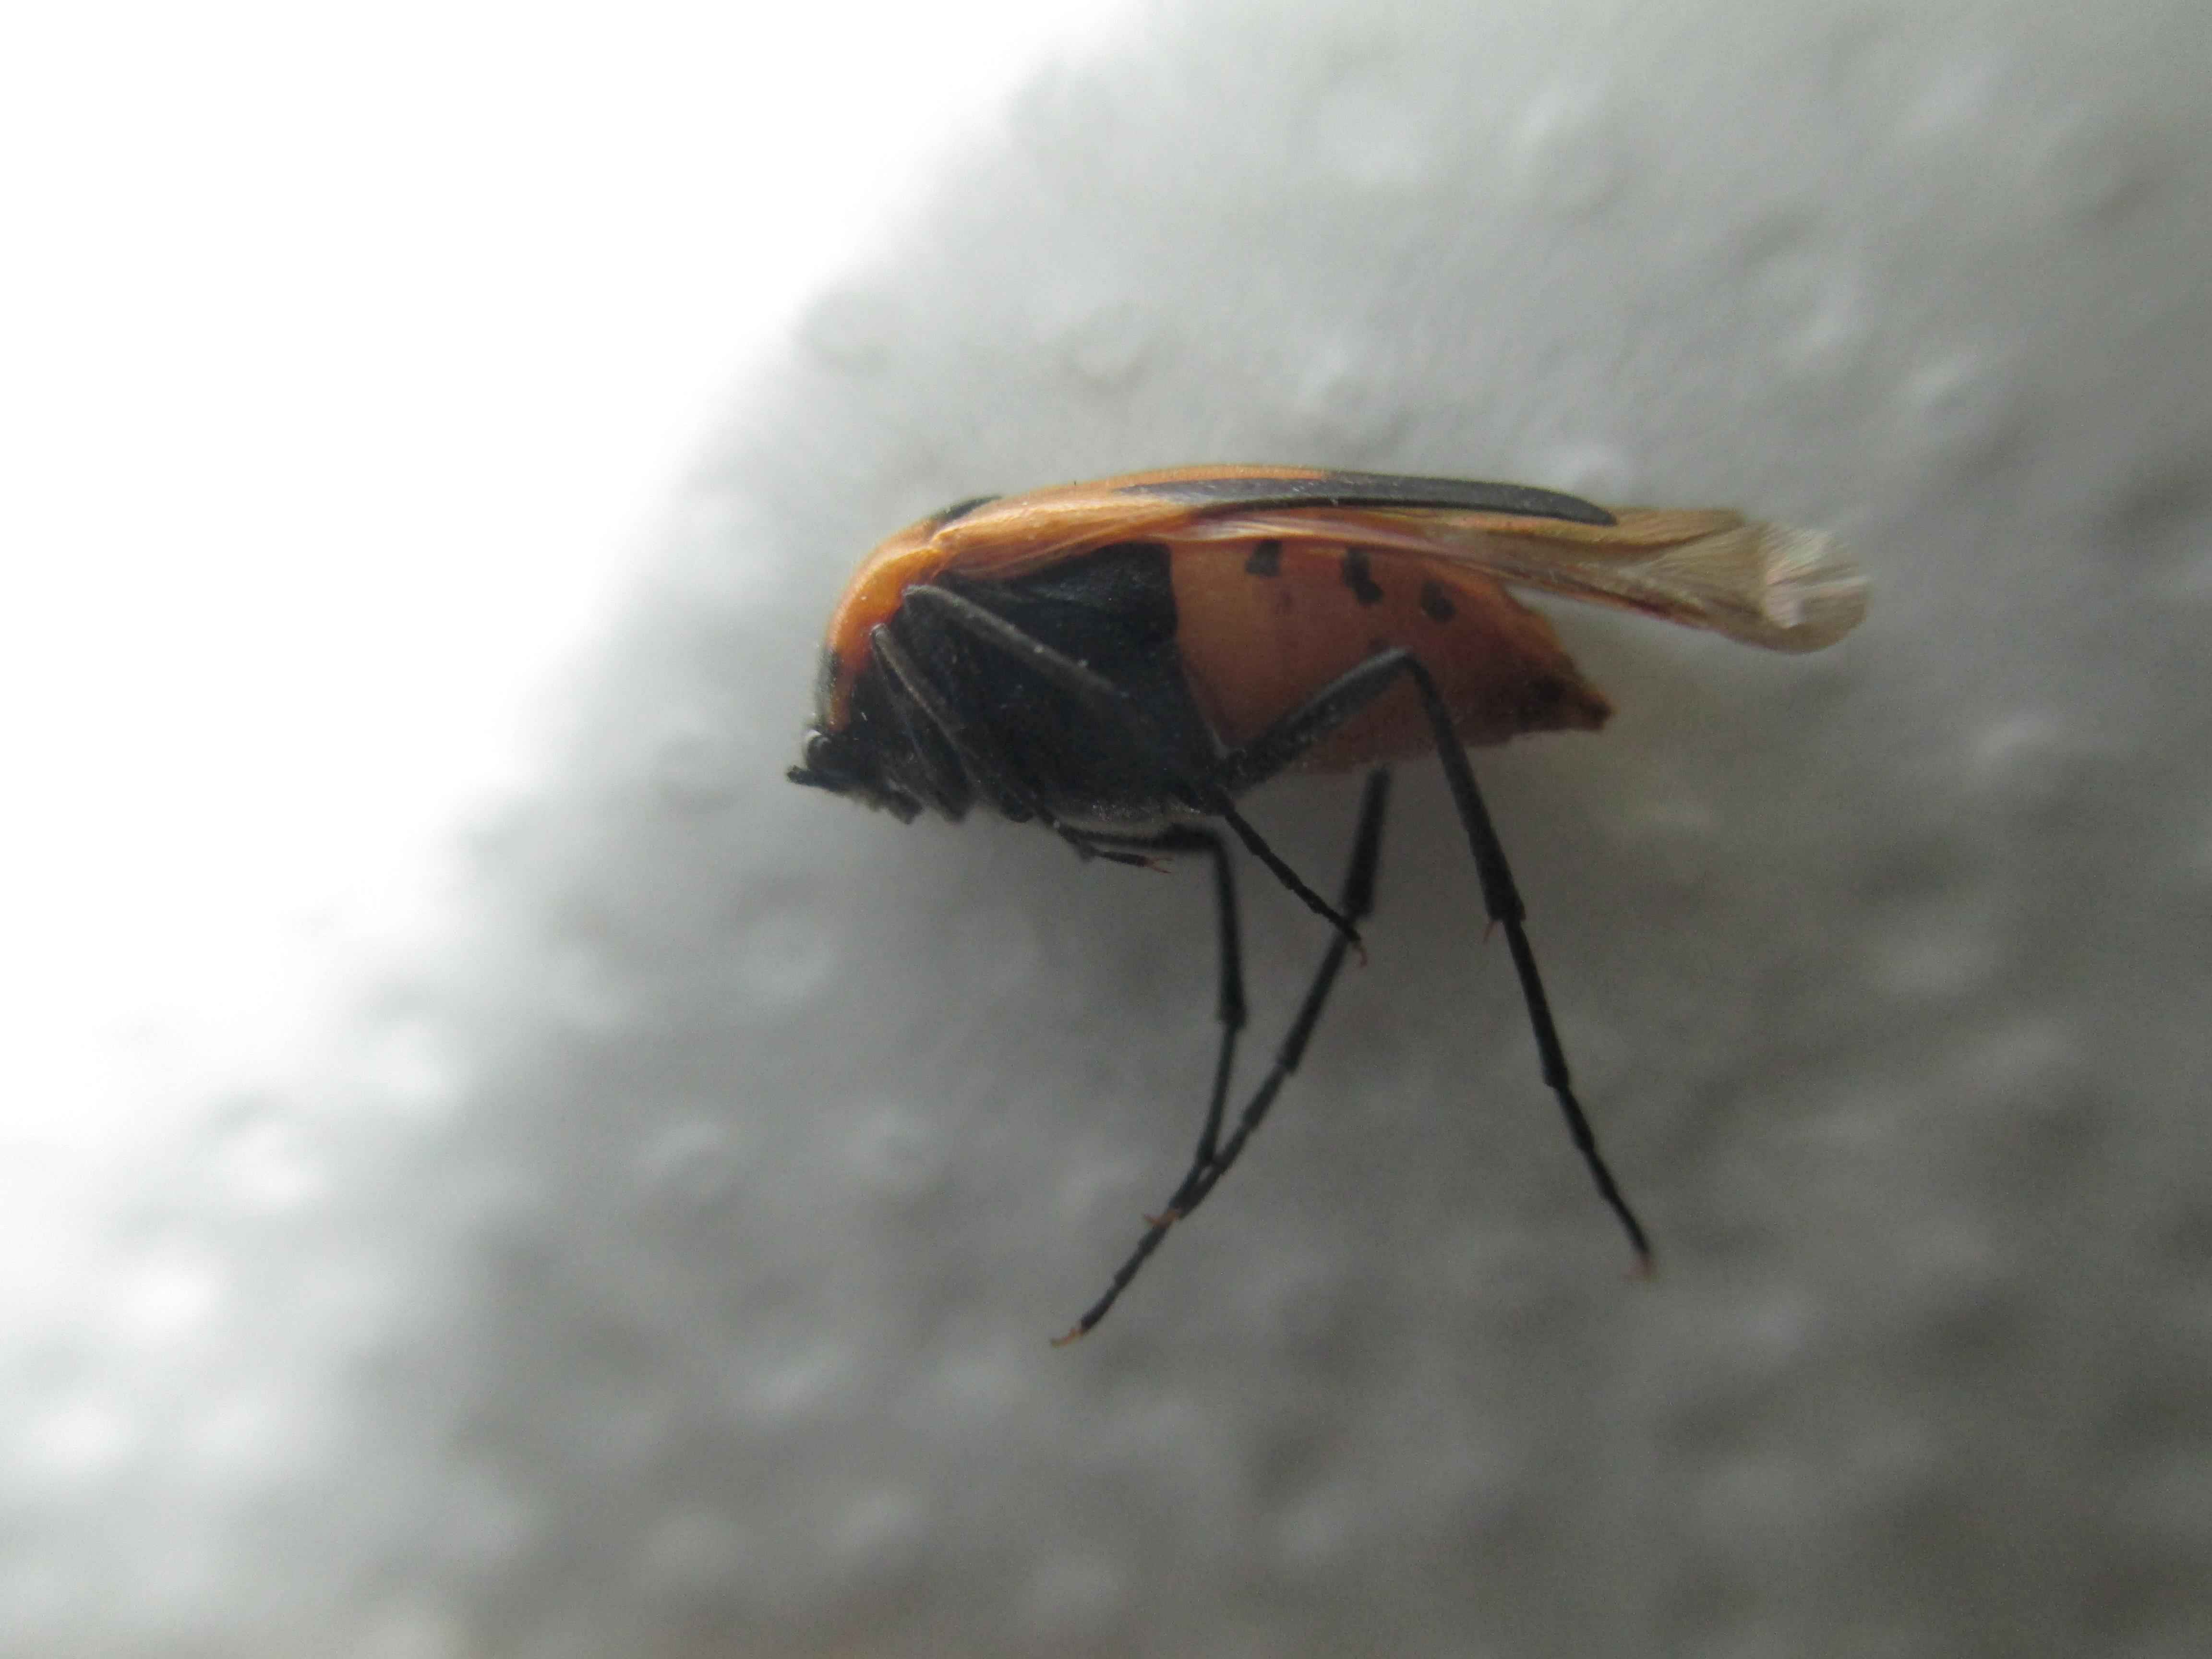 hilfe komisches insekt in der wohnung gesundheit tiere haushalt. Black Bedroom Furniture Sets. Home Design Ideas